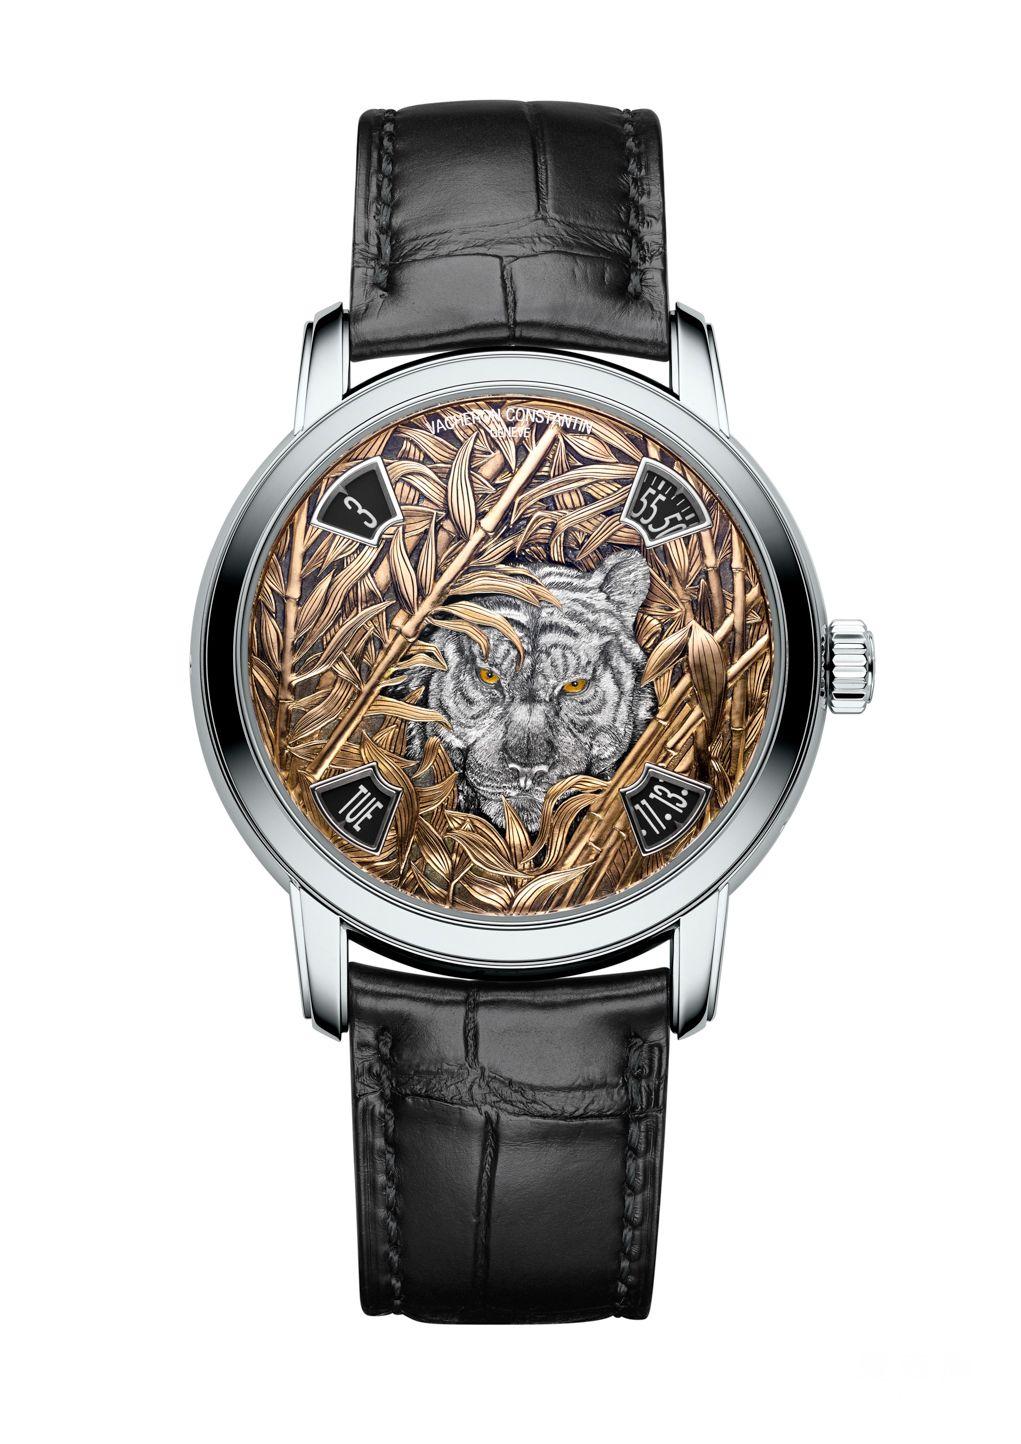 江诗丹顿Les Cabinotiers阁楼工匠神秘动物 腕表:以线雕技法生动演绎野生老虎